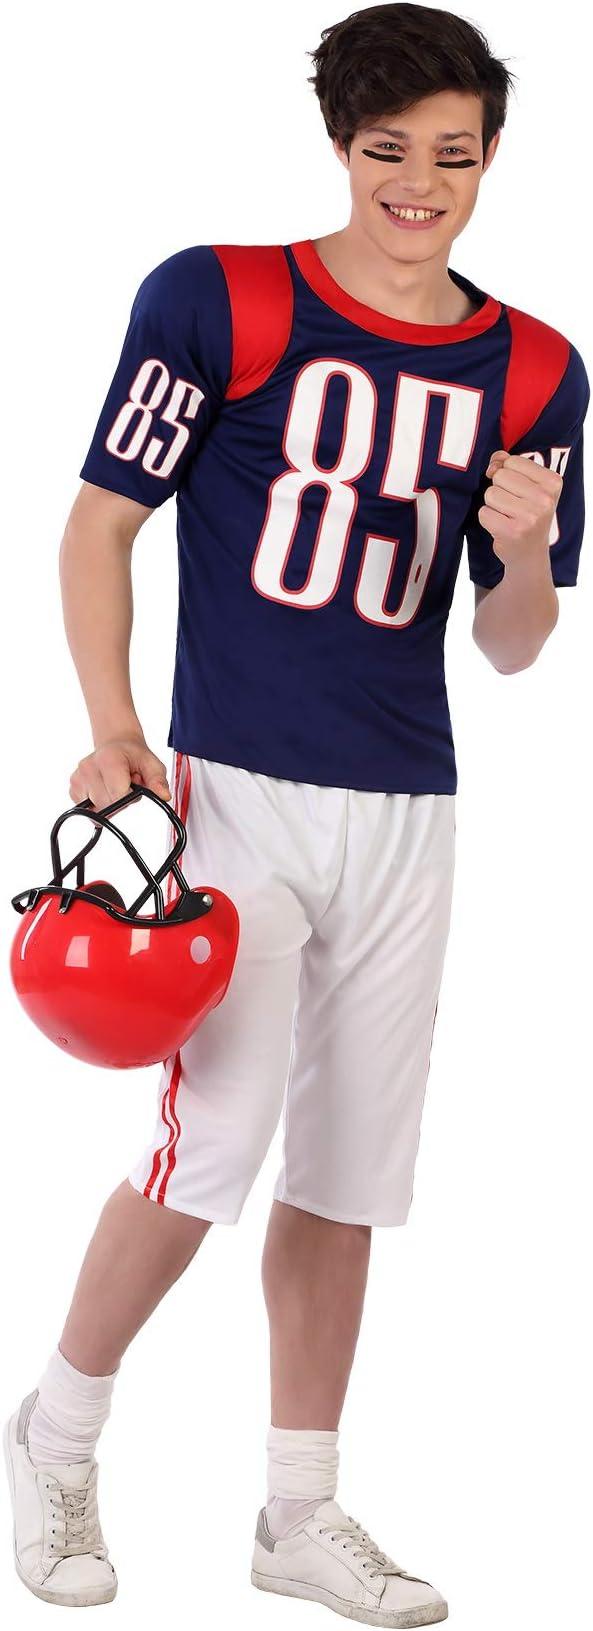 Atosa-61599 Atosa-61599-Disfraz Jugador Rugby- ADOLESCENTE- Hombre ...